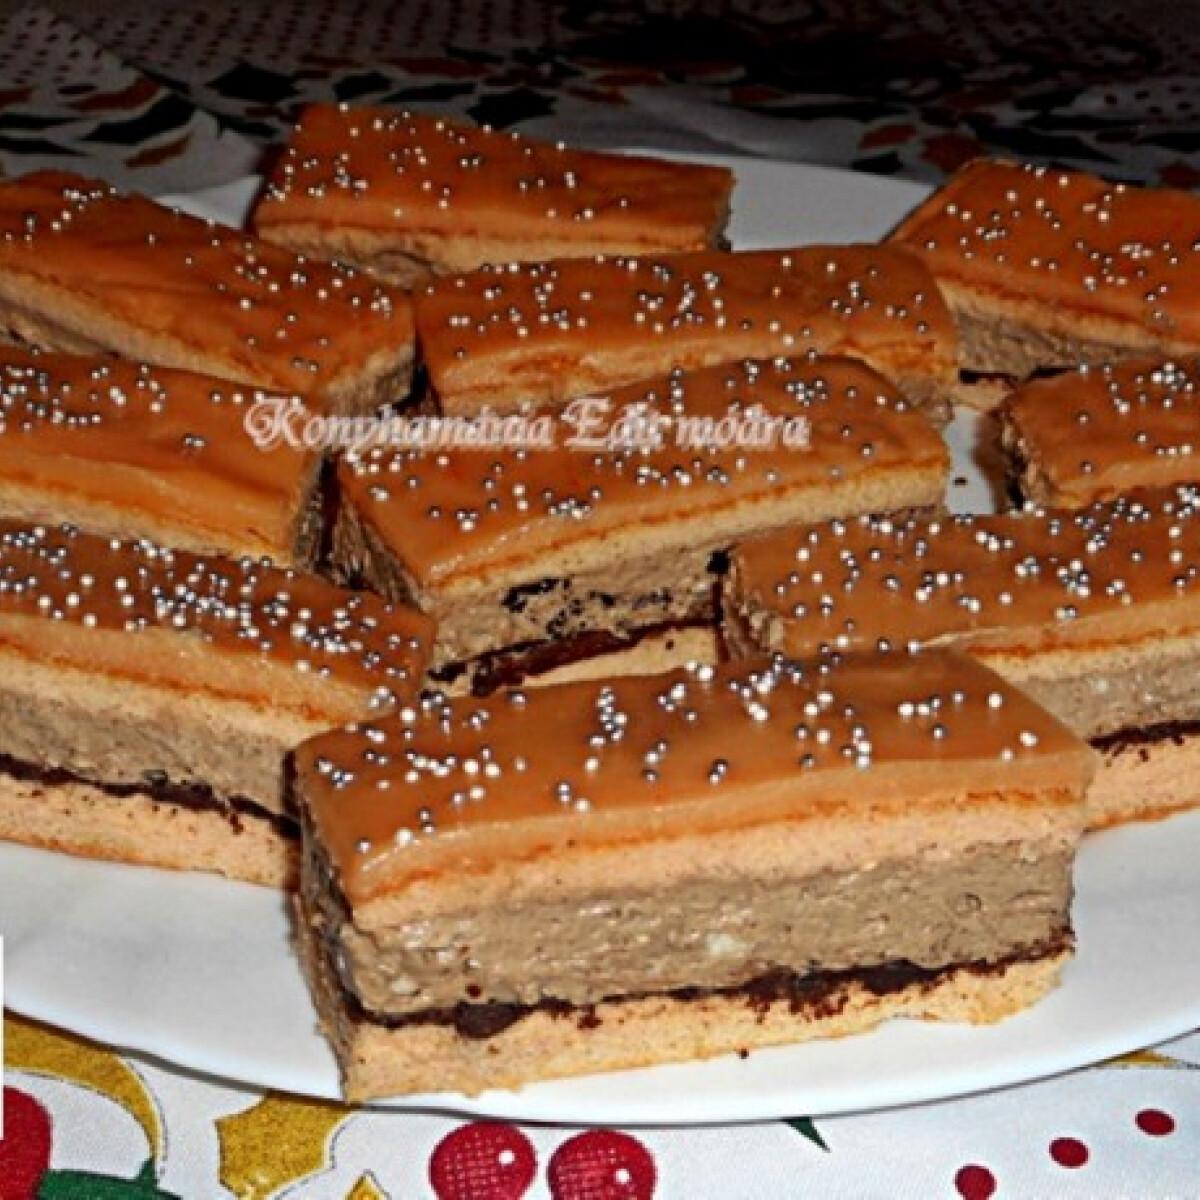 Rumpuncsos szelet oreo kekszes krémmel